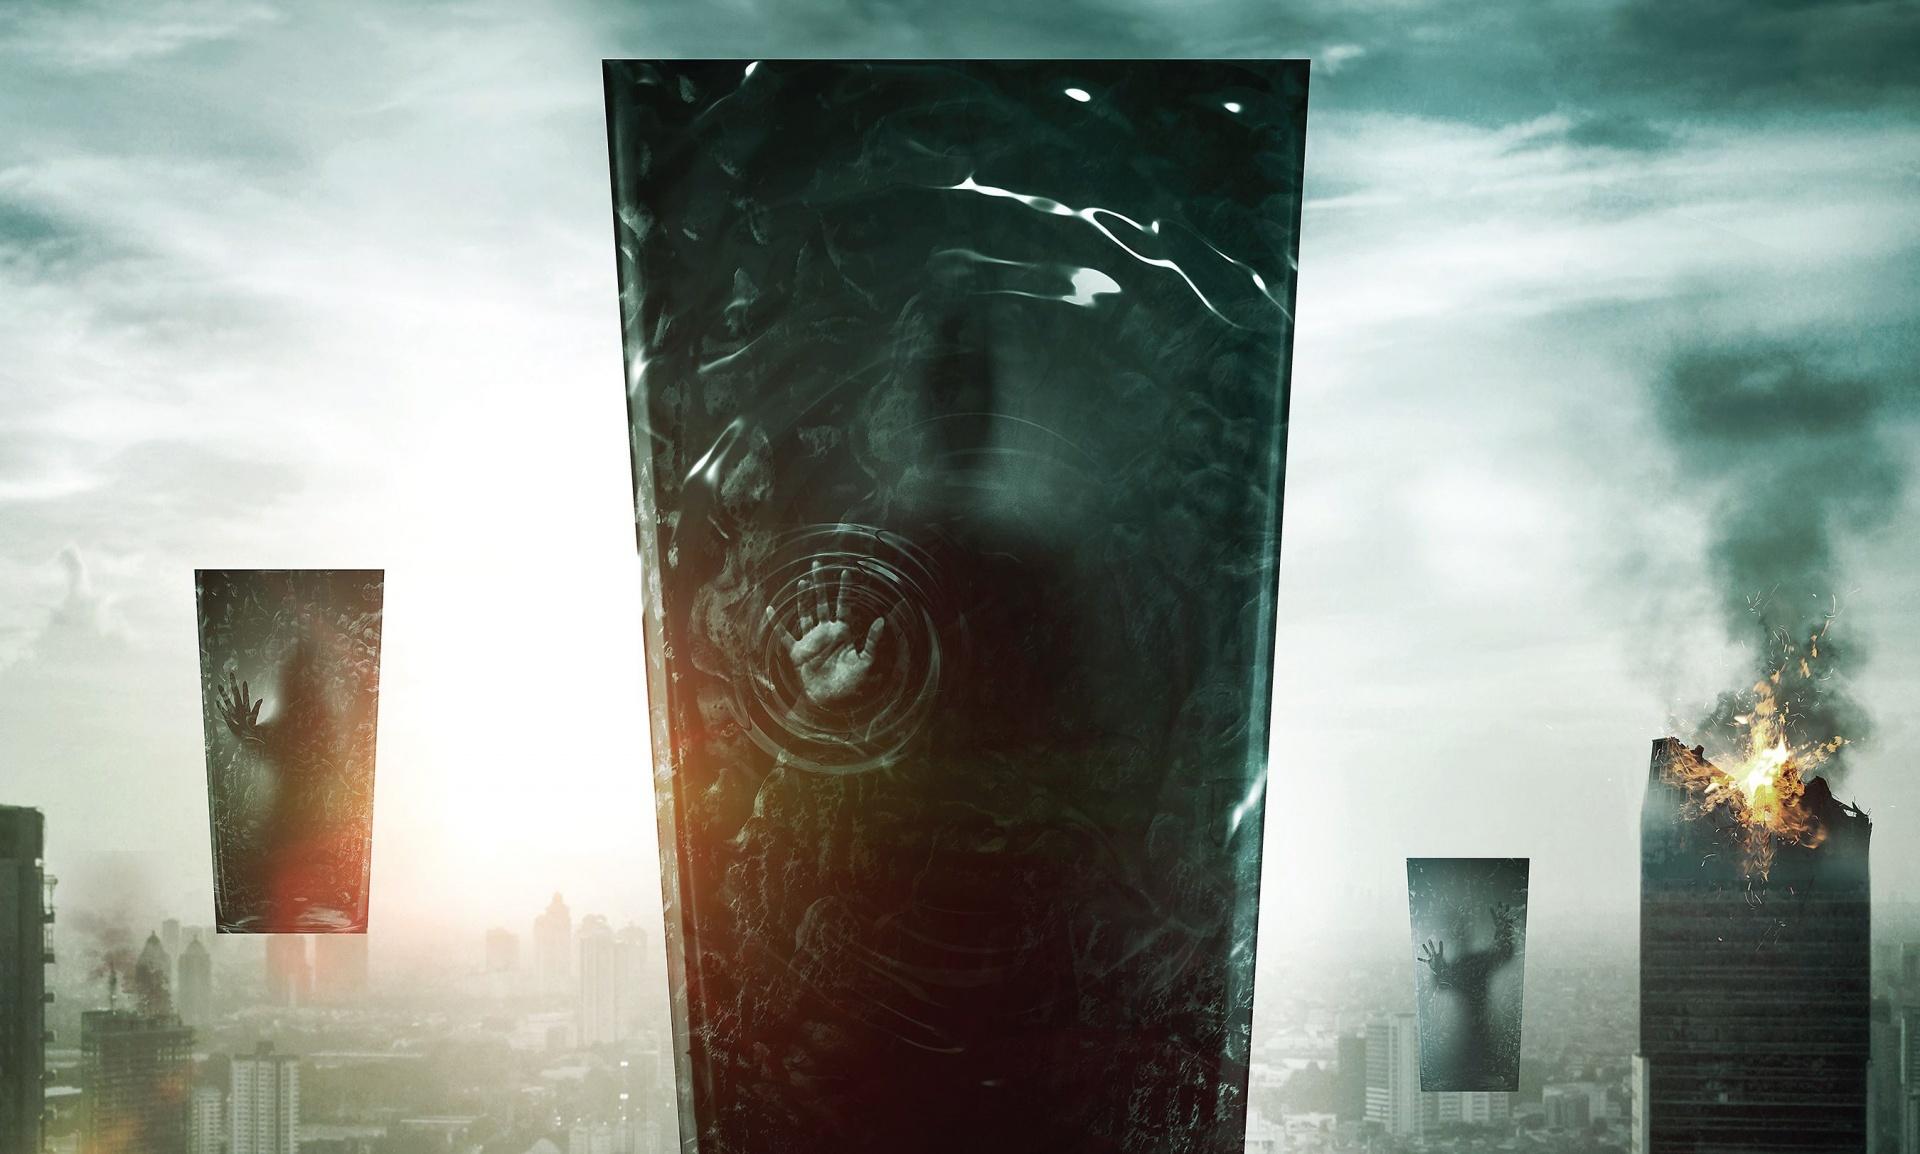 GLaDOS ни при чём: вышел официальный трейлер антологии «Порталы»